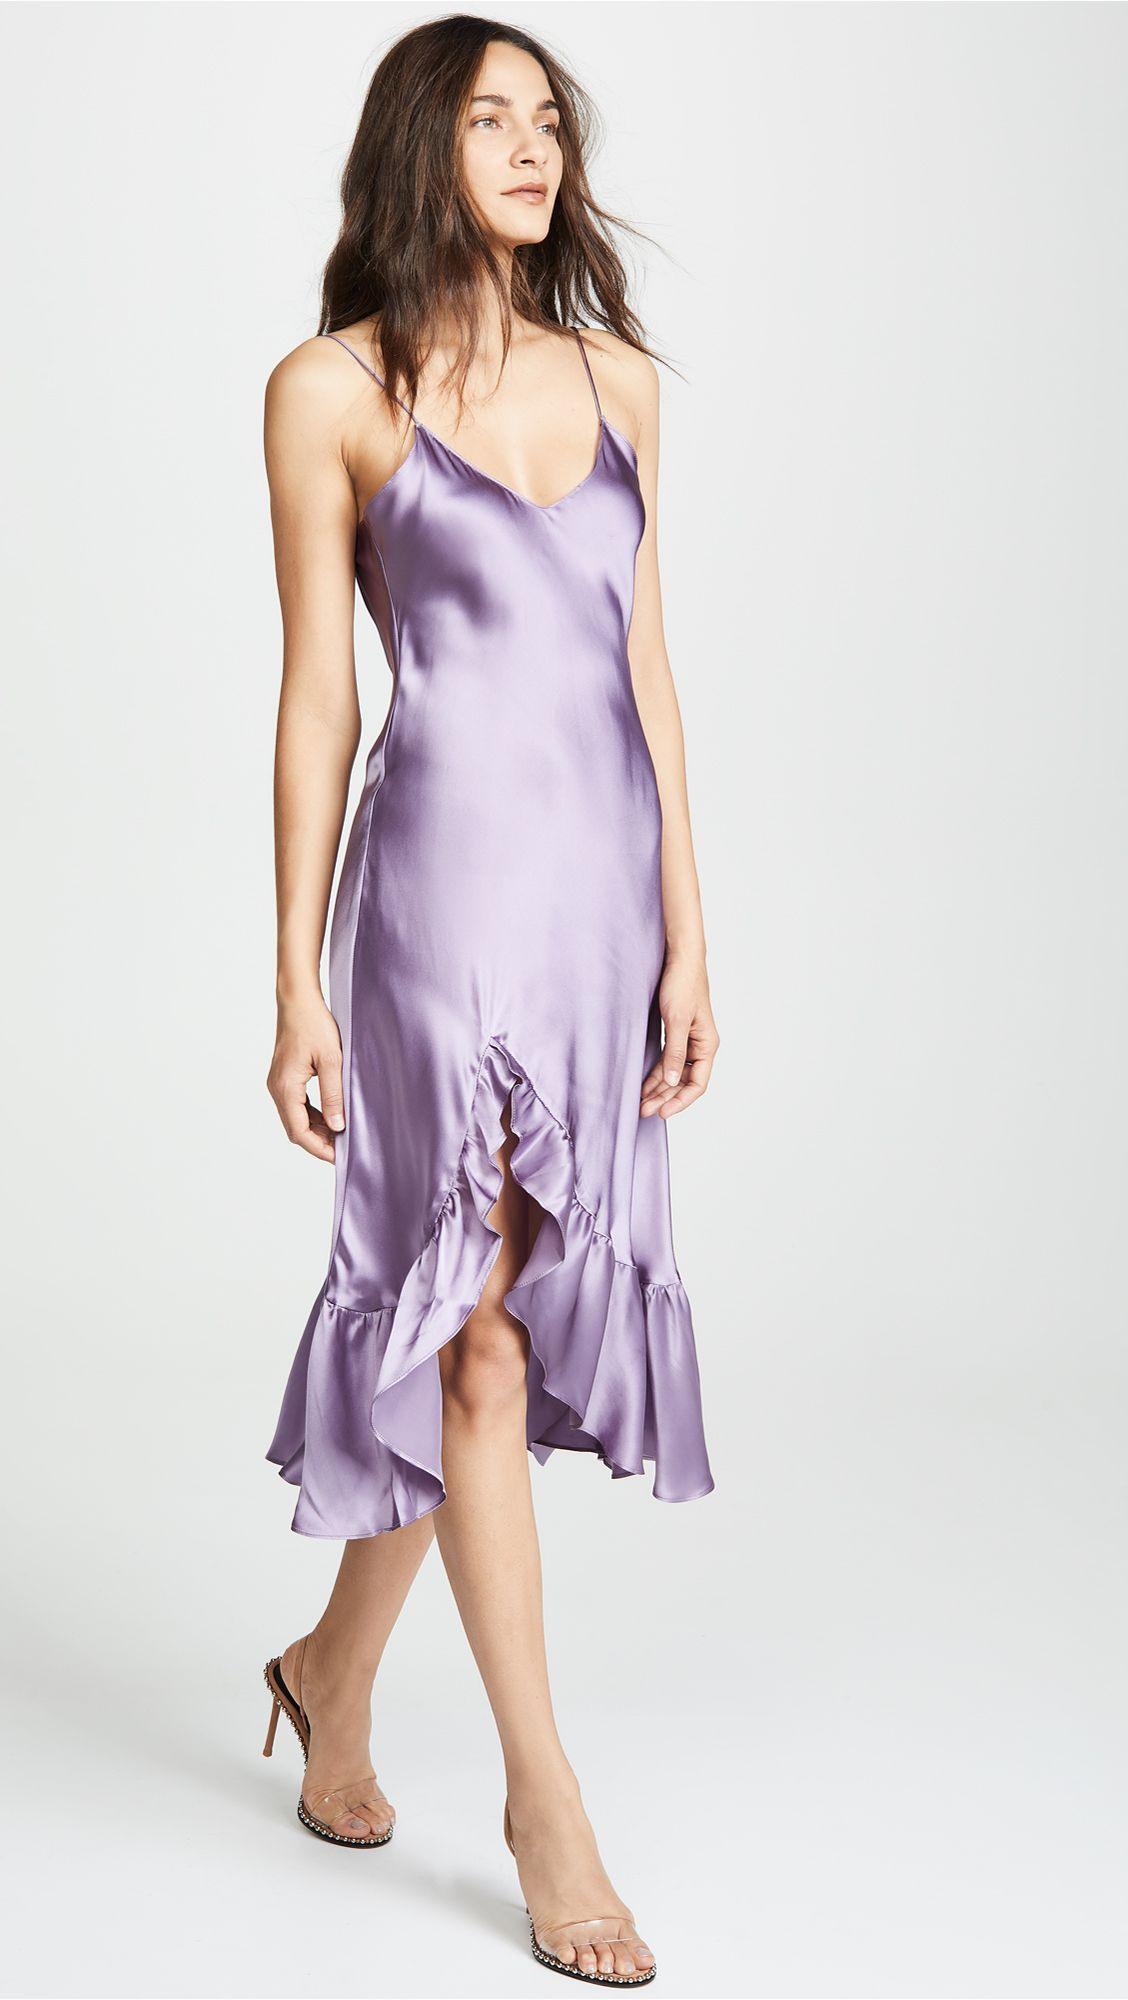 Formal Schön Dresscode Abendkleidung Boutique20 Luxurius Dresscode Abendkleidung Spezialgebiet